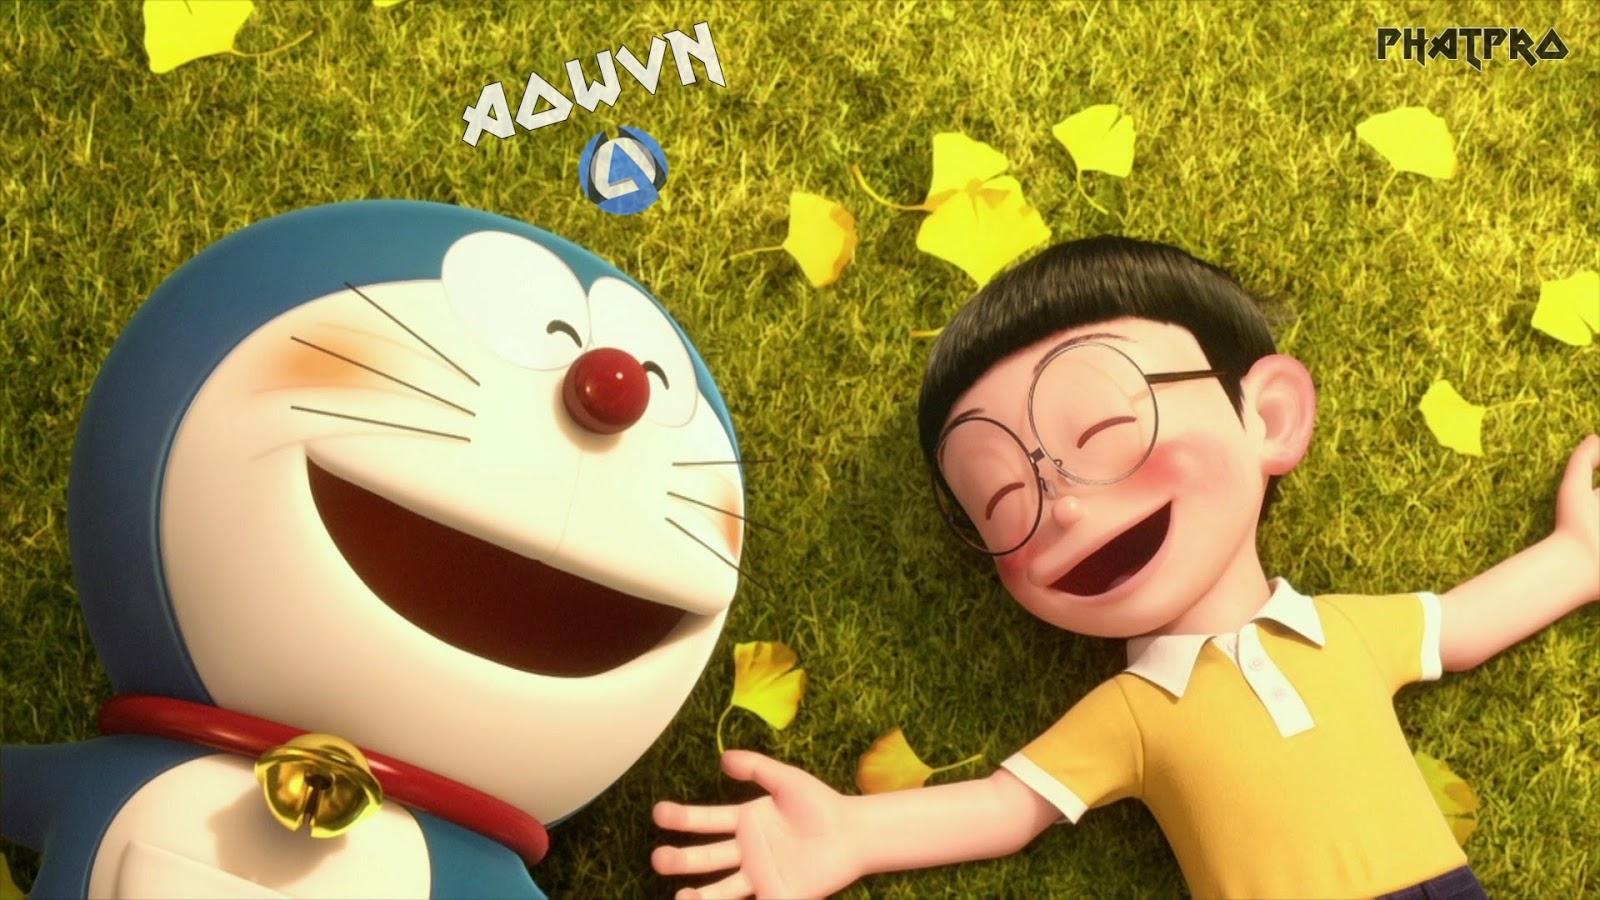 Doraemon min - [ Anime 3gp Mp4 ] Stand By Me Doraemon BD | Vietsub - Cực Hay Và Cảm Động - Nên Xem Ít Nhất Một Lần Trong Đời